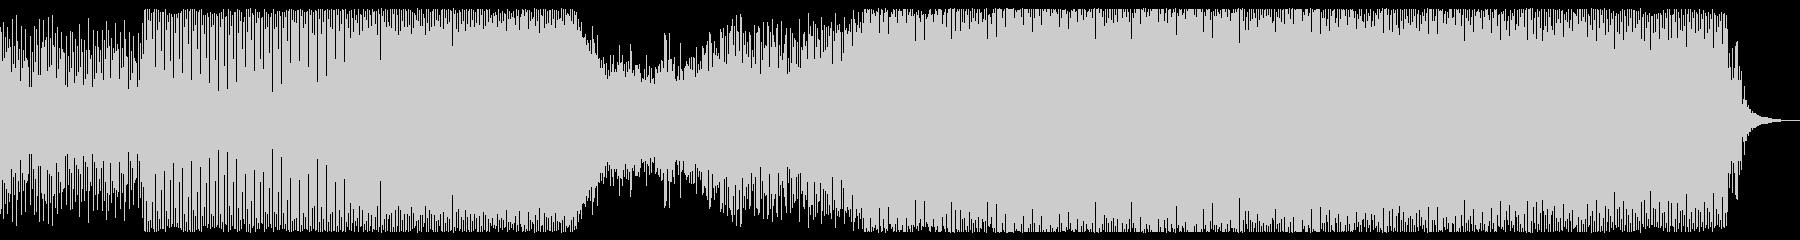 アップテンポなシンセサウンドの未再生の波形